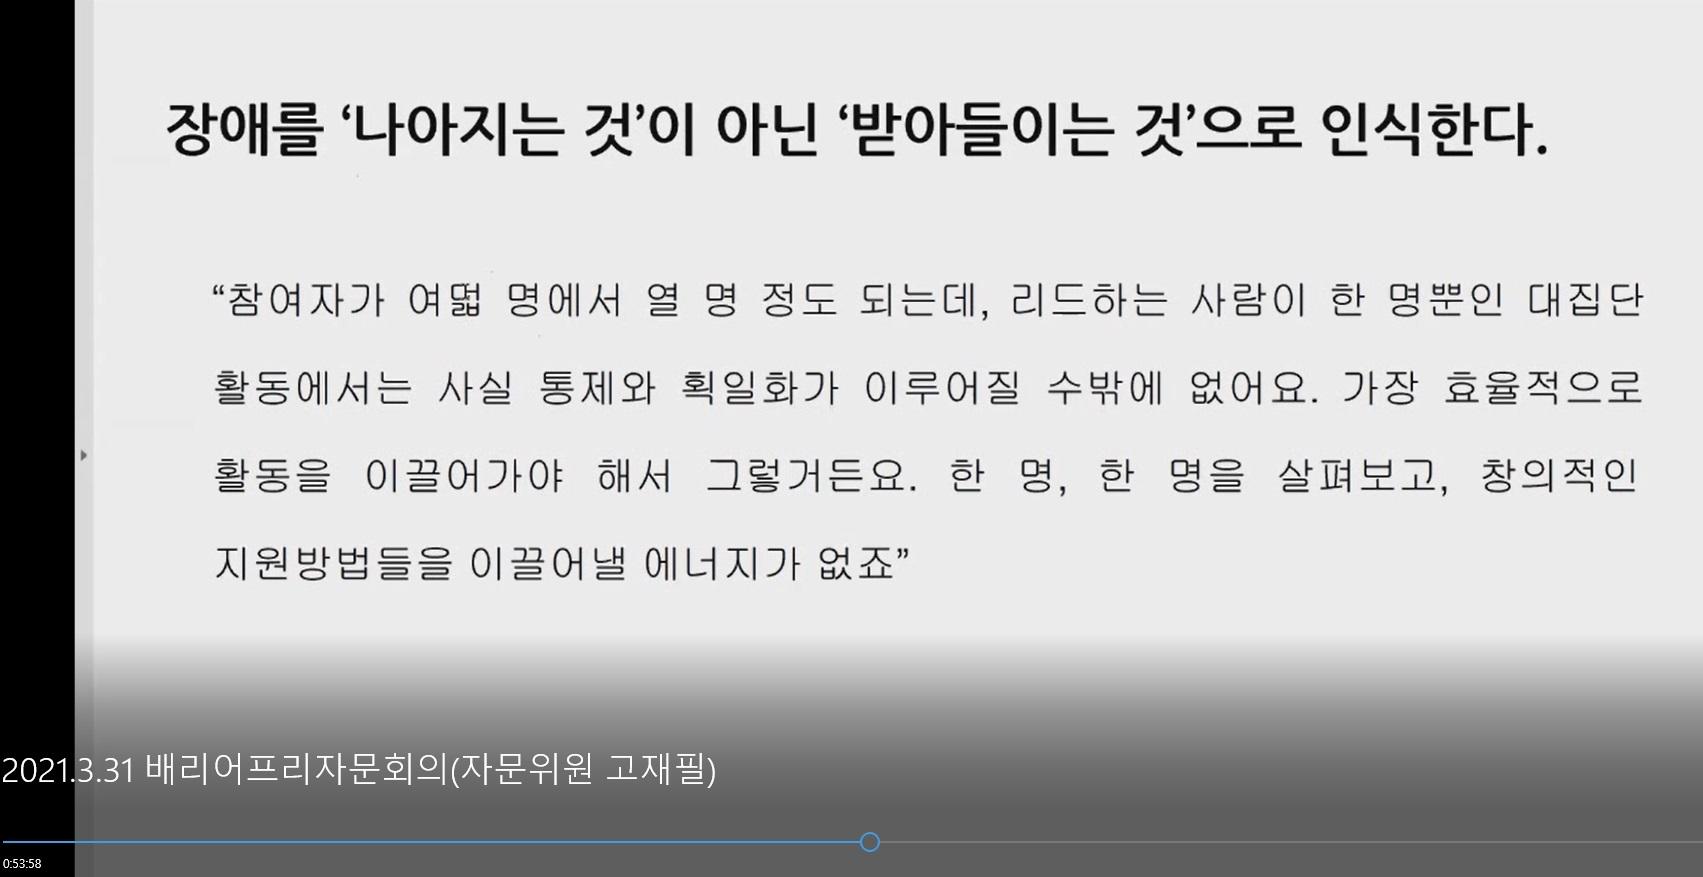 9.고재필 자문위원(잇자잇자 사회적협동조합).jpg